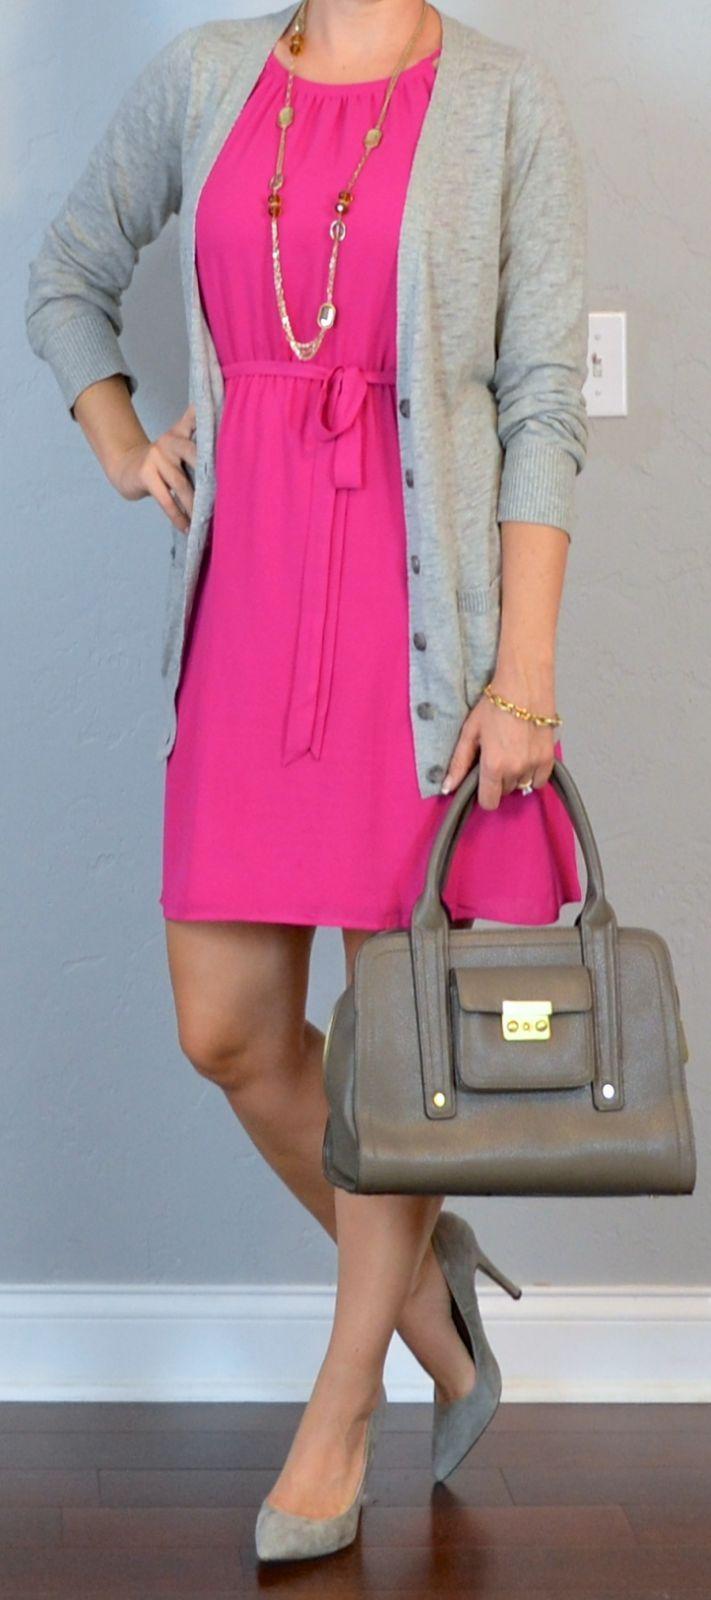 outfit post: hot pink dress, grey boyfriend cardigan, grey pointed pumps – #boyf…